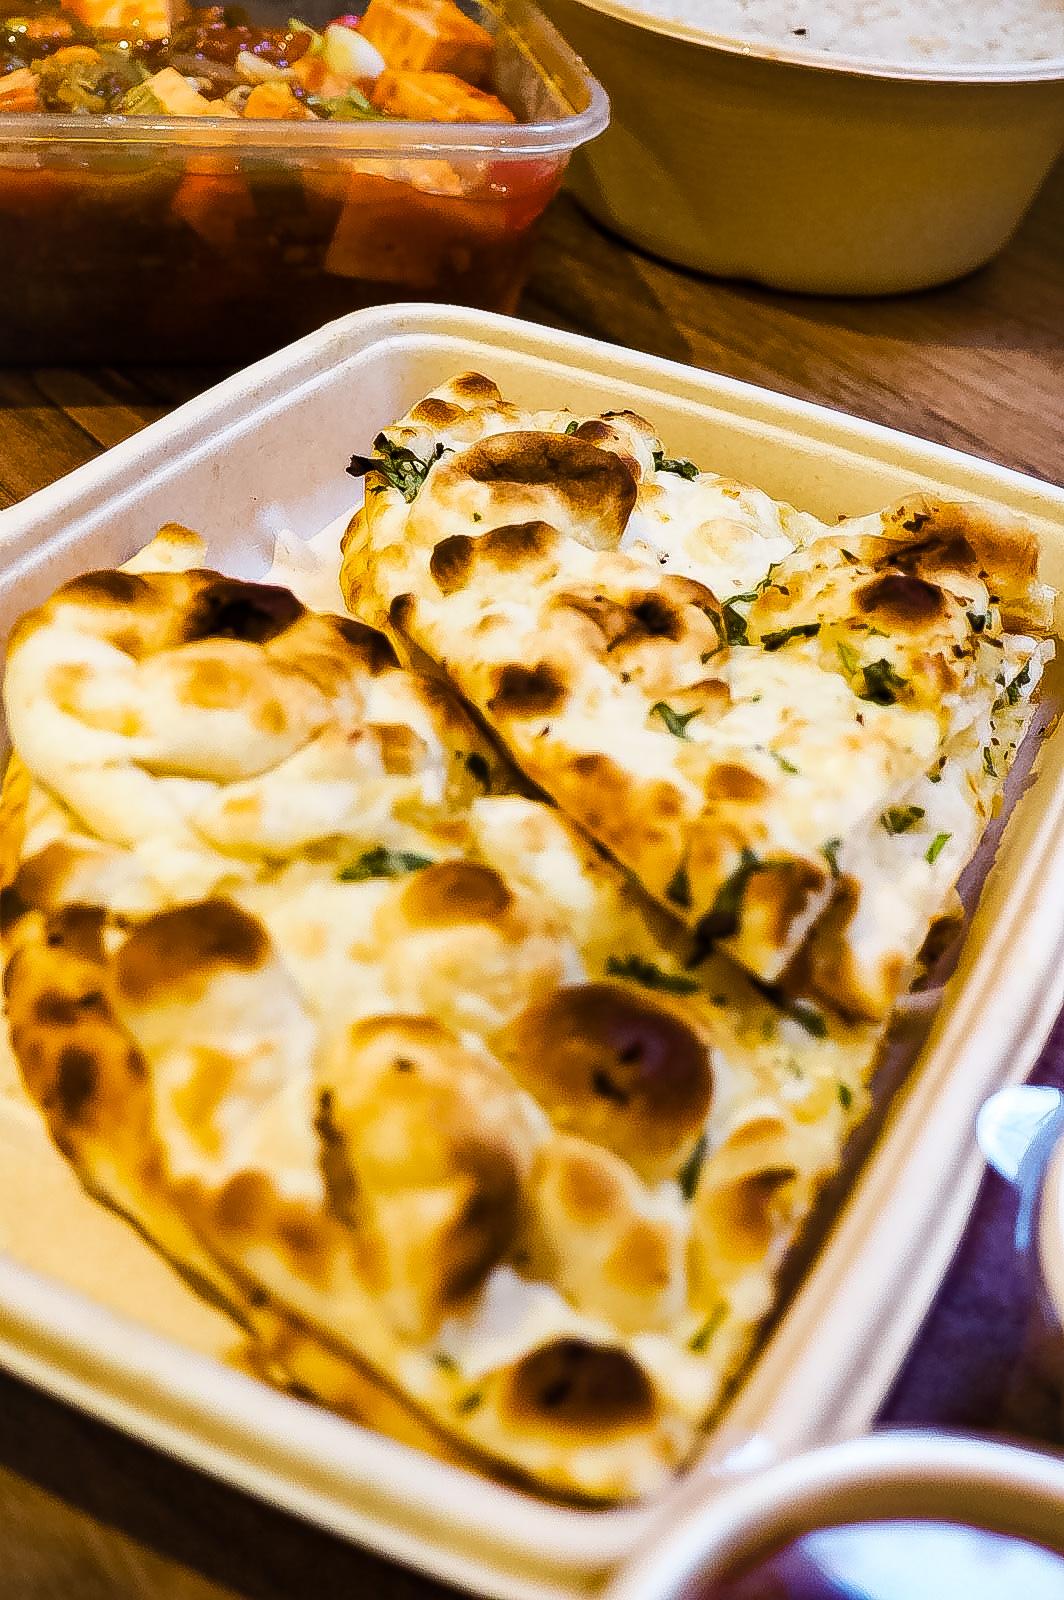 Pinch of masala naan bread